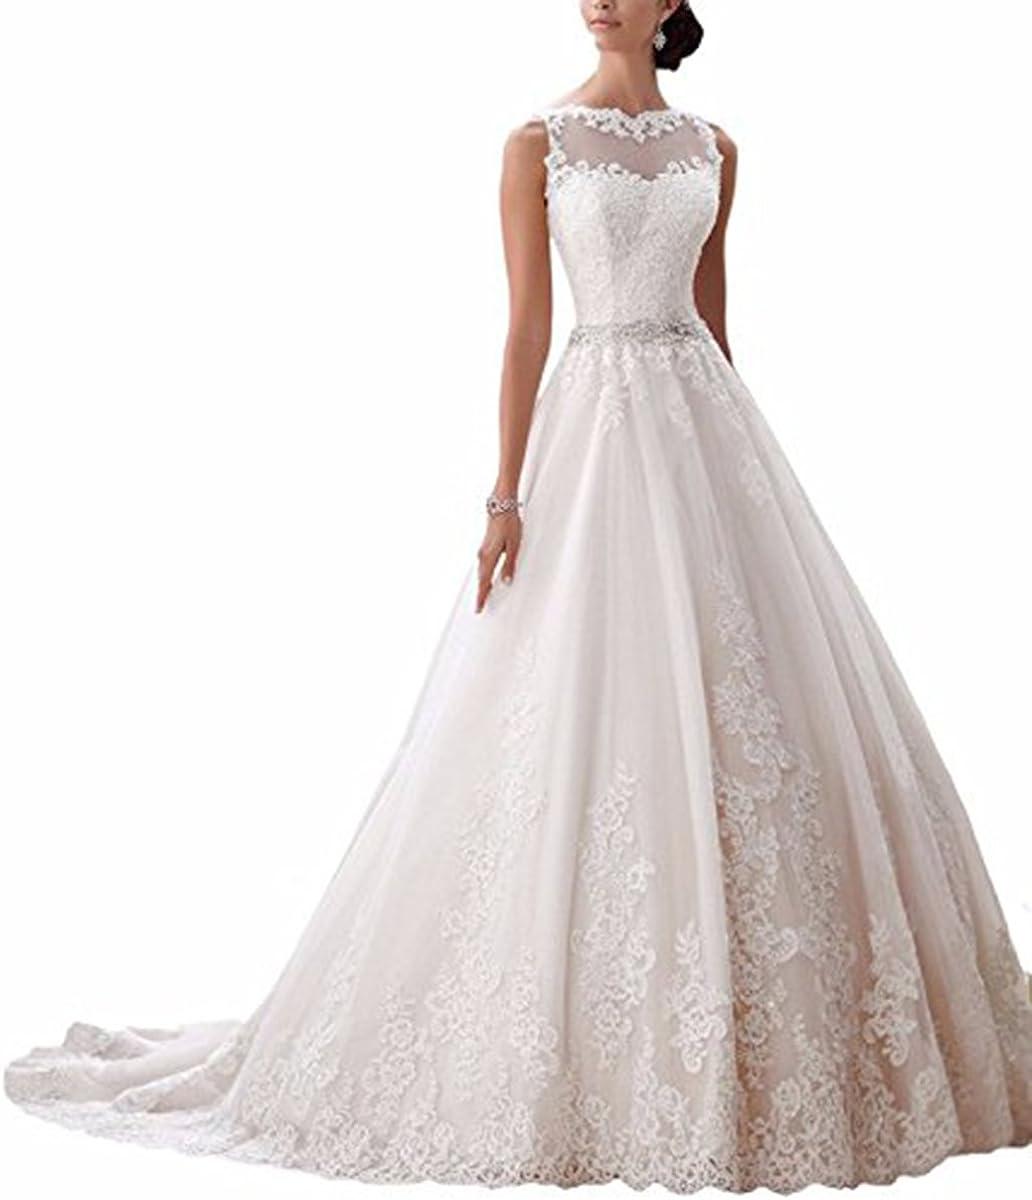 Ever Love Damen Abendkleider Elegant Abschlussballkleider Bandeau Kleid  Hochzeitskleid mit Stickerei Brautkleid